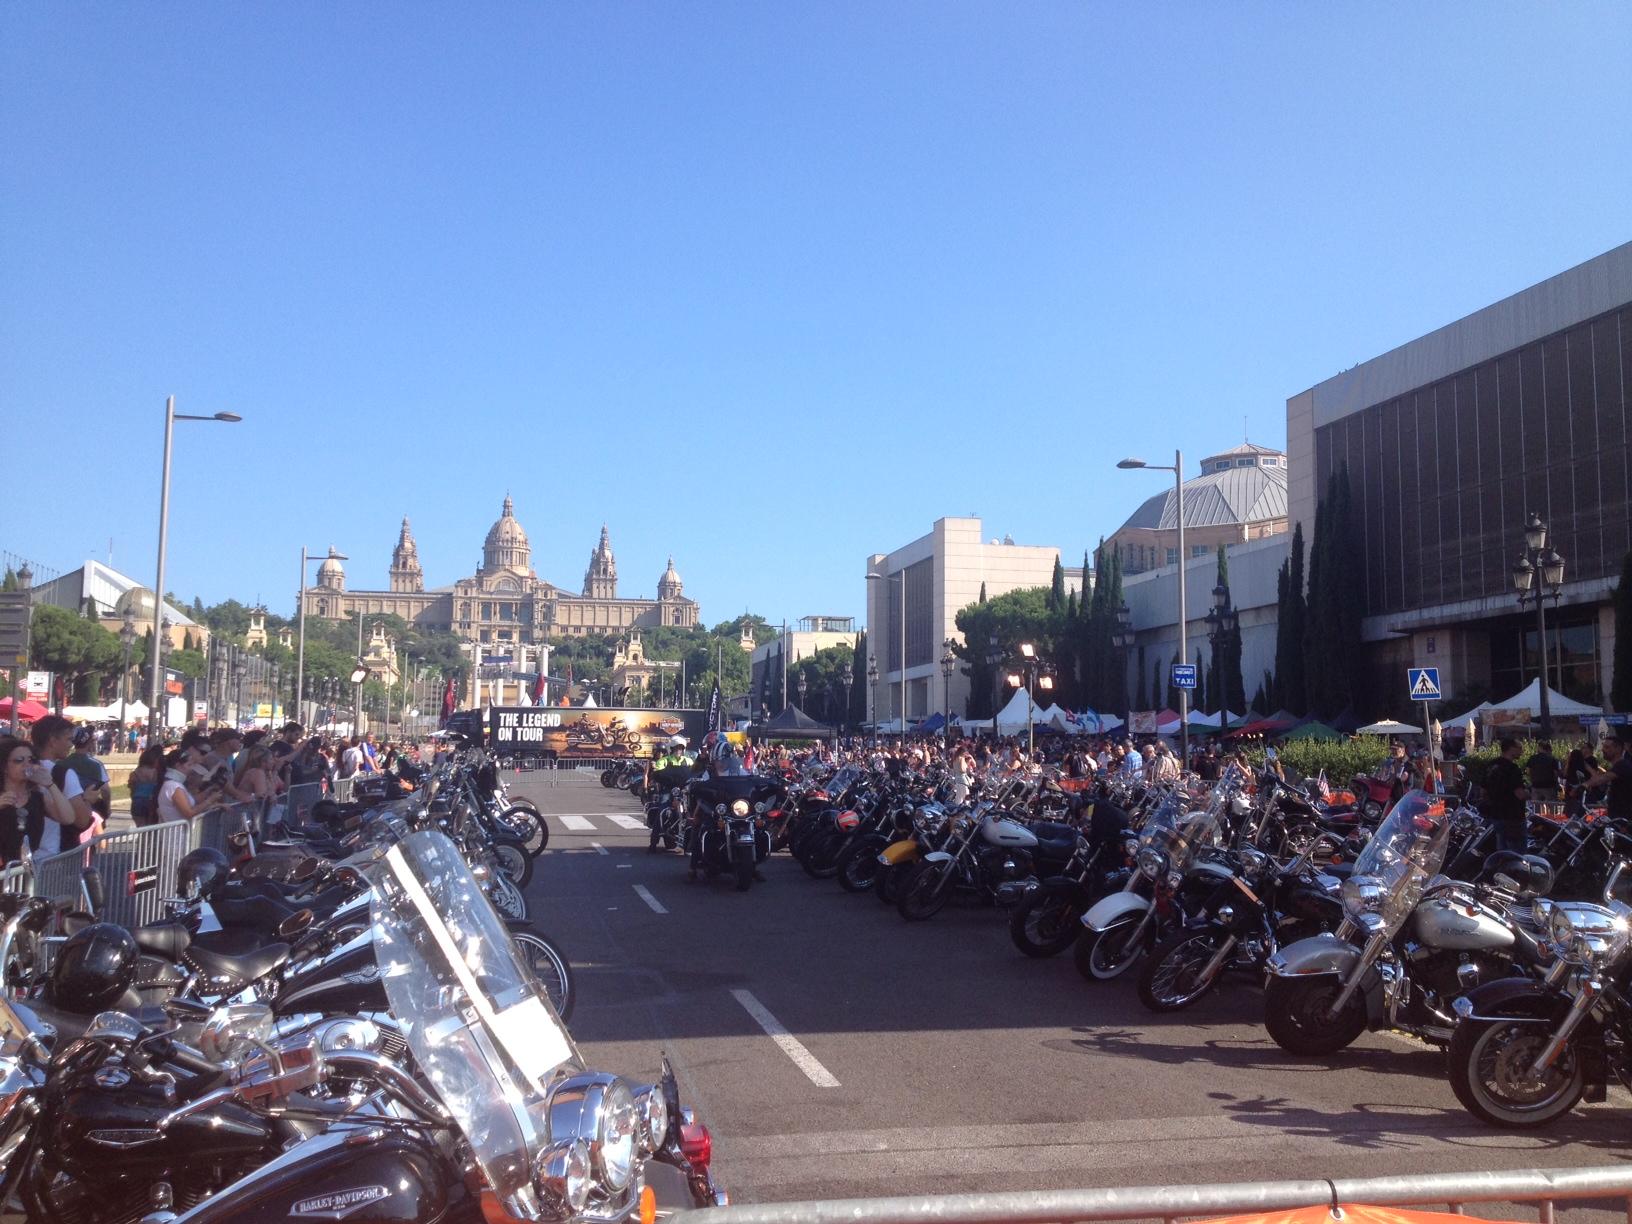 Todas las Harleys estacionadas